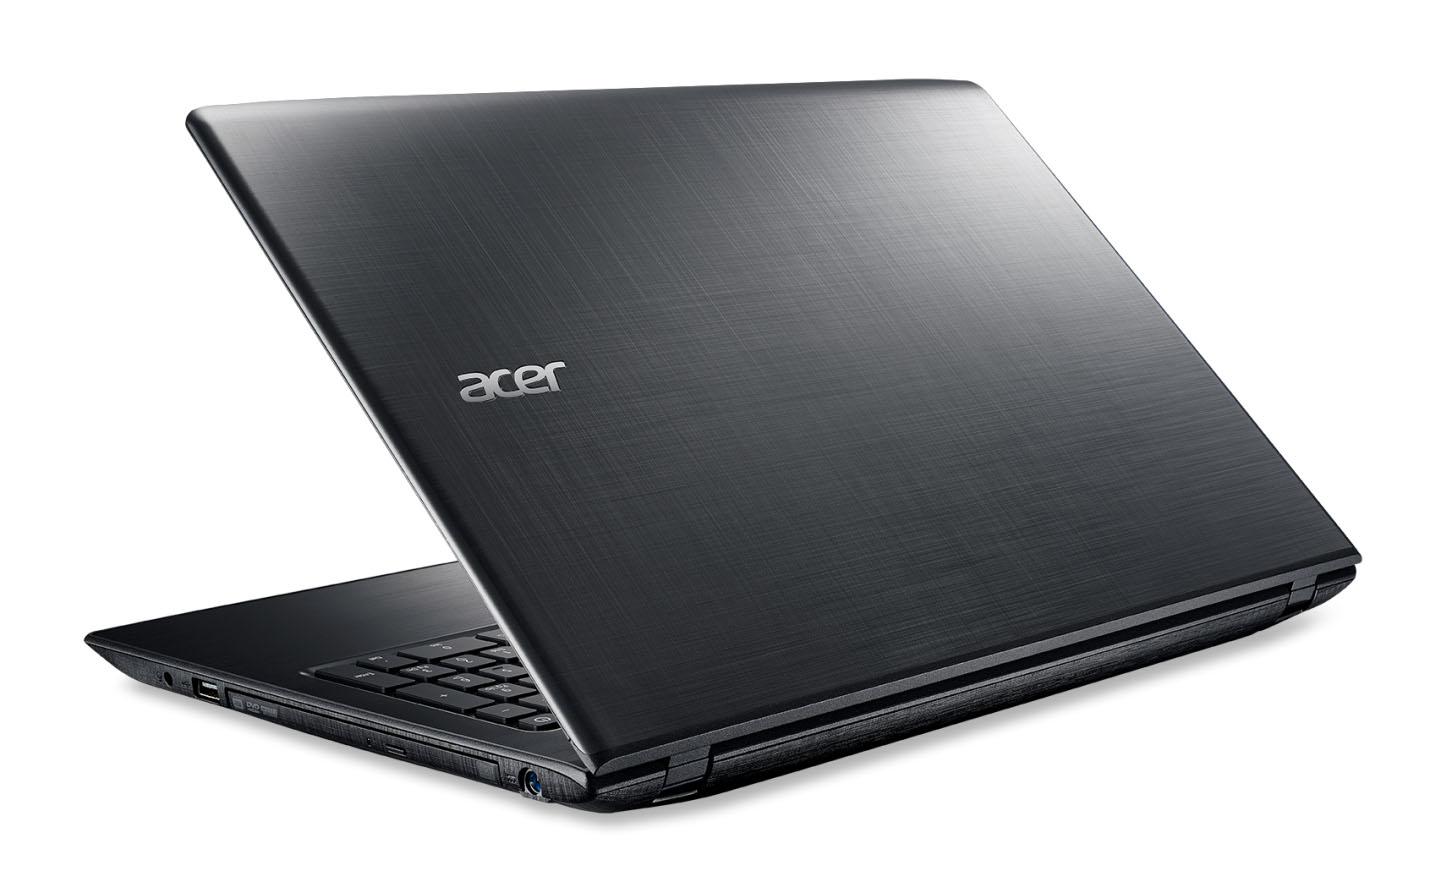 Mua laptop Acer, nhận ổ tăng tốc thông minh Intel Optane